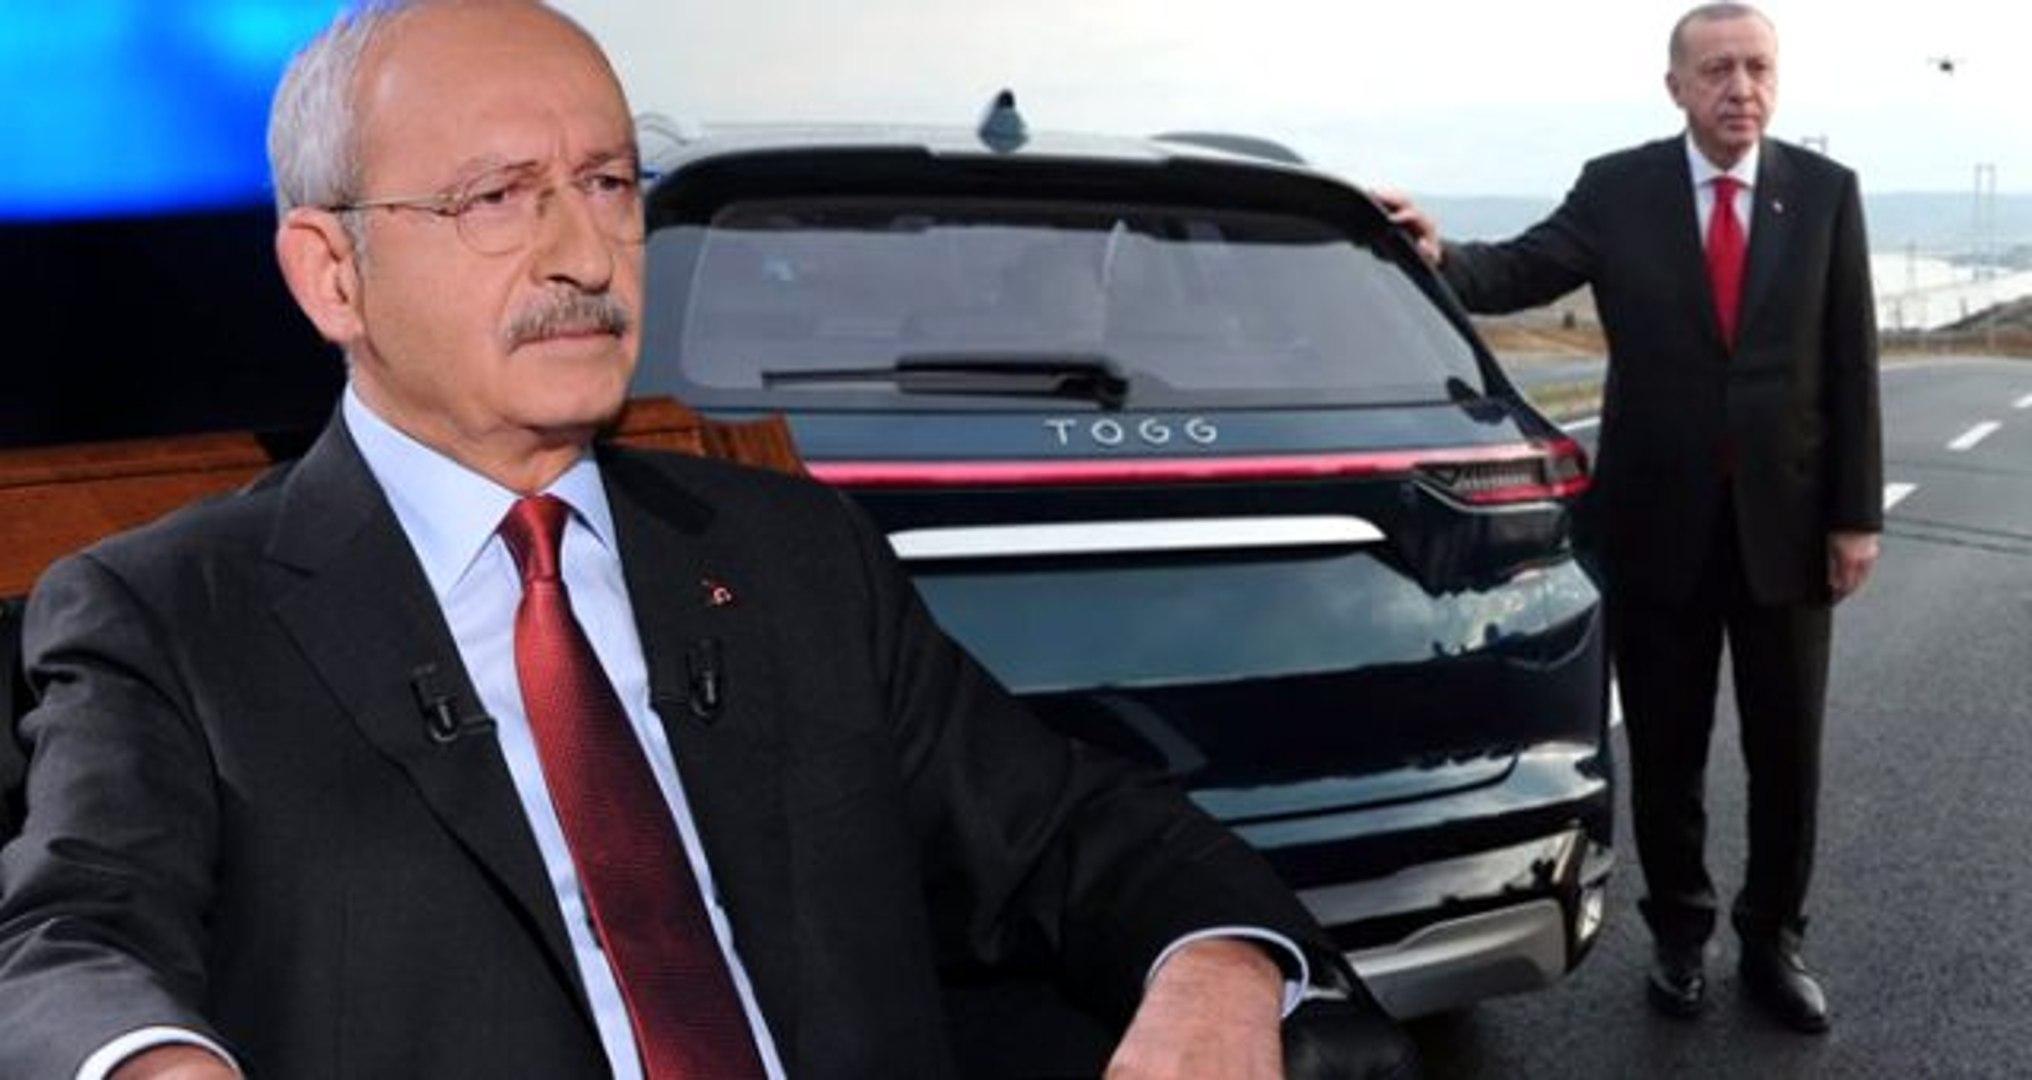 Kılıçdaroğlu'ndan yerli otomobille ilgili ilk yorum: Karşı çıkmak doğru değil